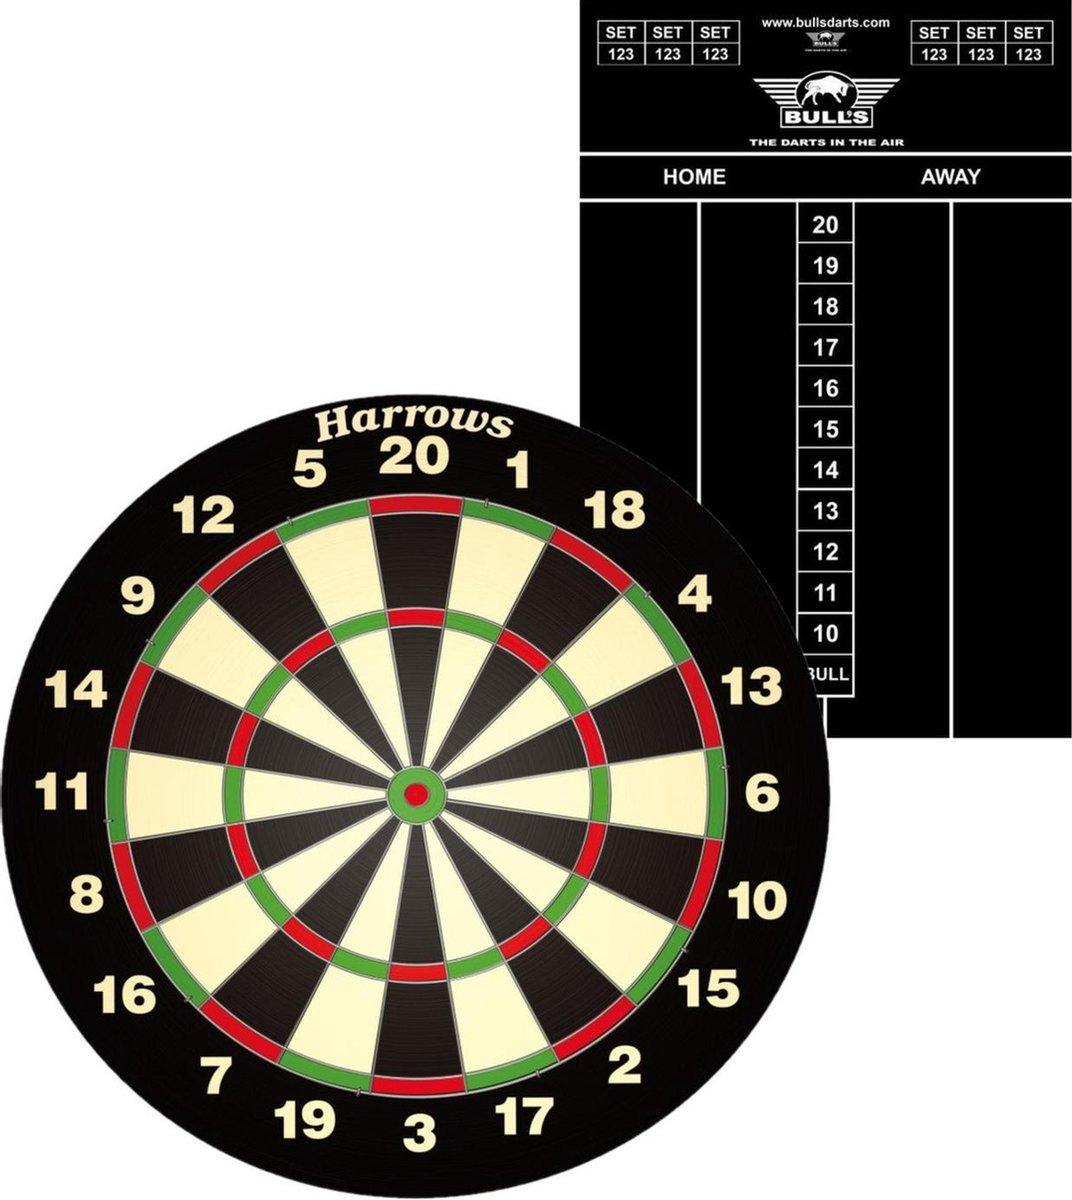 Dartbord Harrows set compleet van diameter 45 cm met 6 dartpijlen en een krijt scorebord 45 x 30 cm